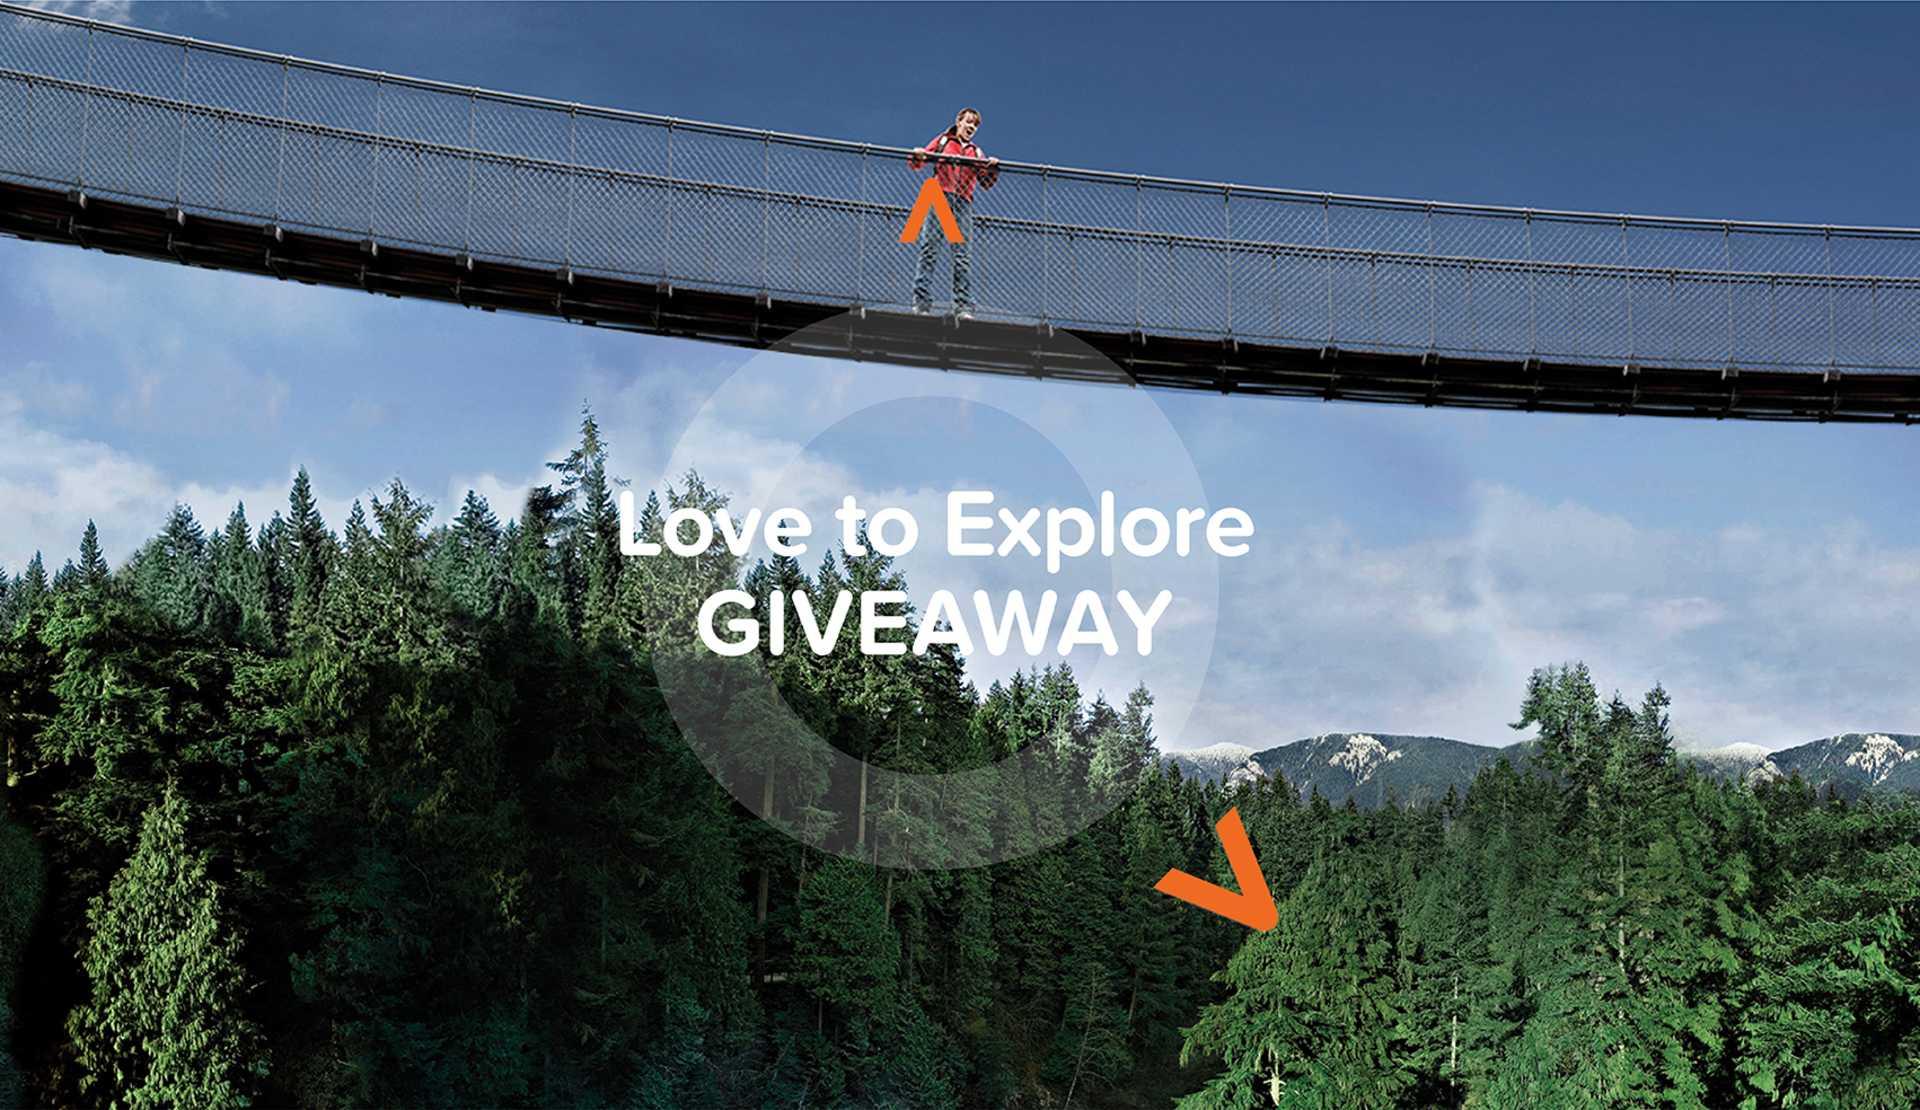 Love to Explore